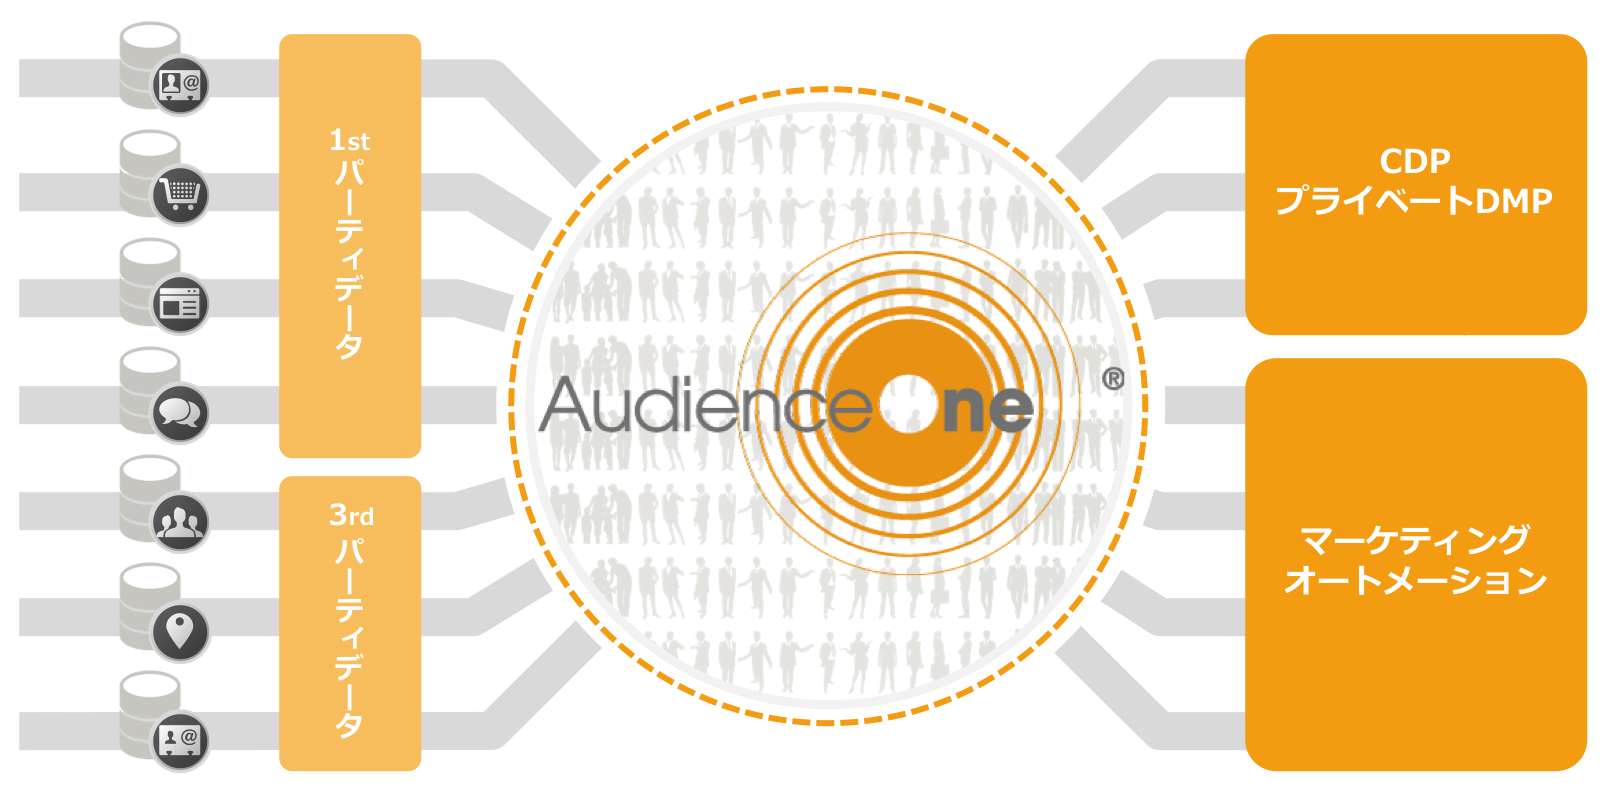 分析からマーケティングツールとの連携へ